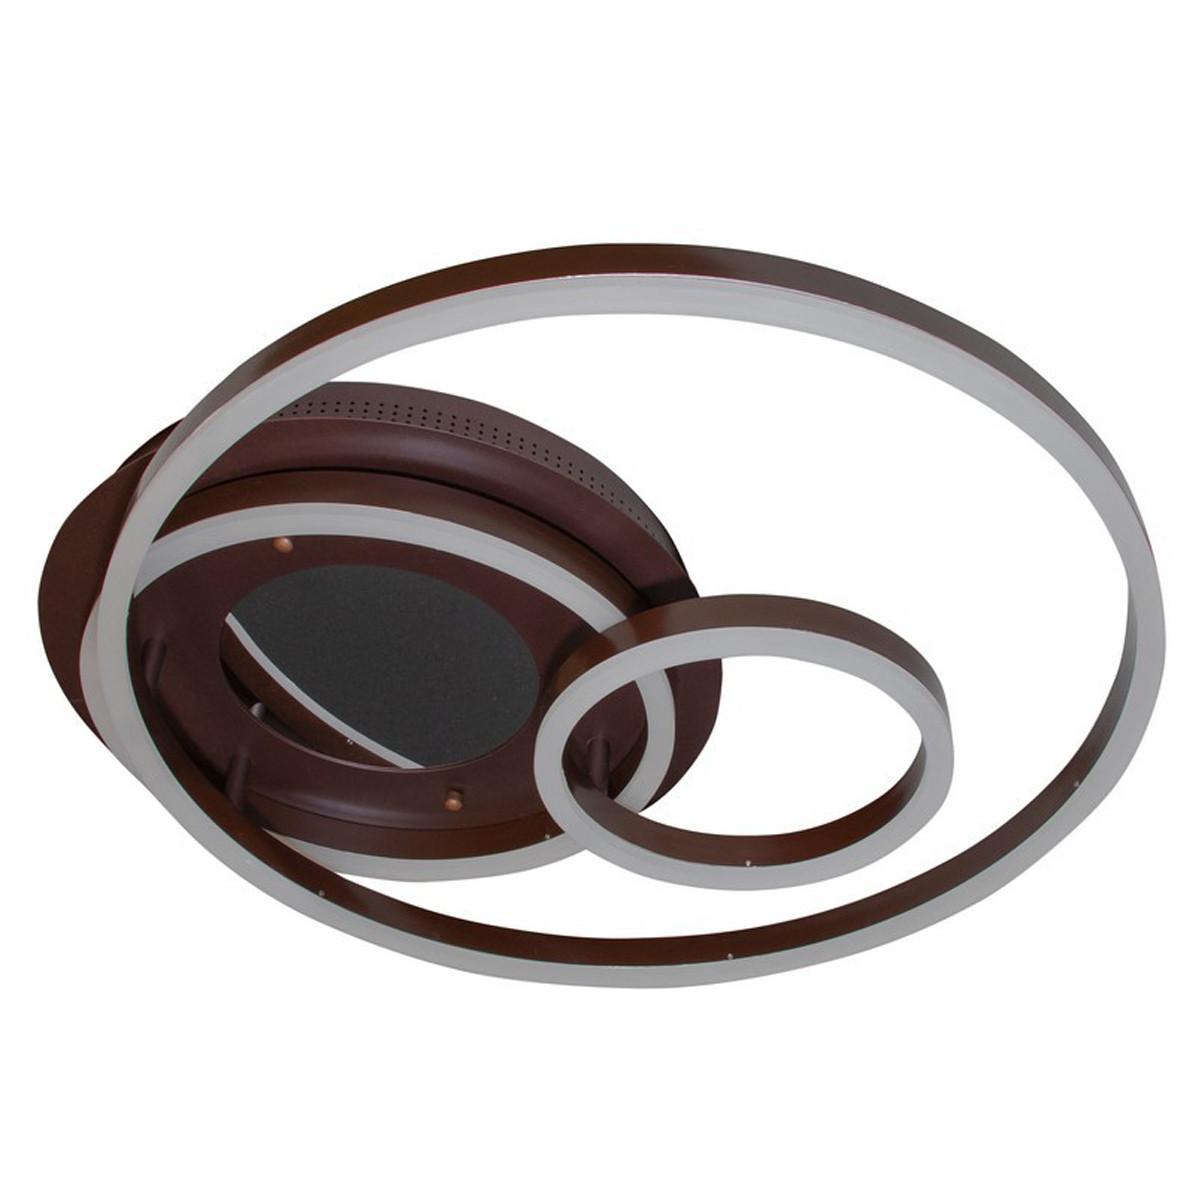 Led люстра круглая с 3D эффектом цвета коричневый белый серый 100W Линия солнца&55011/3 CF